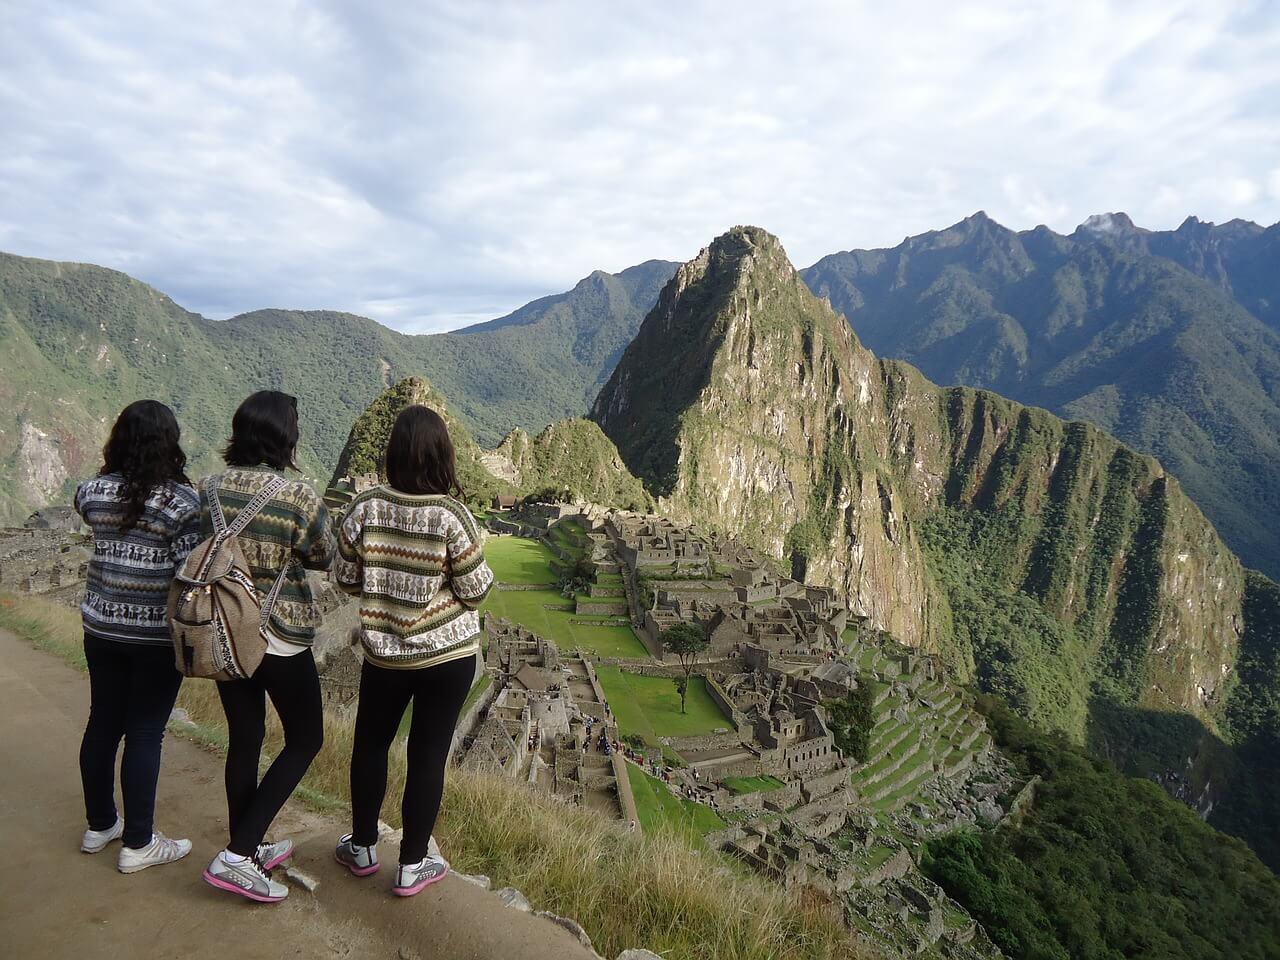 Amigas de turismo en Machu Picchu